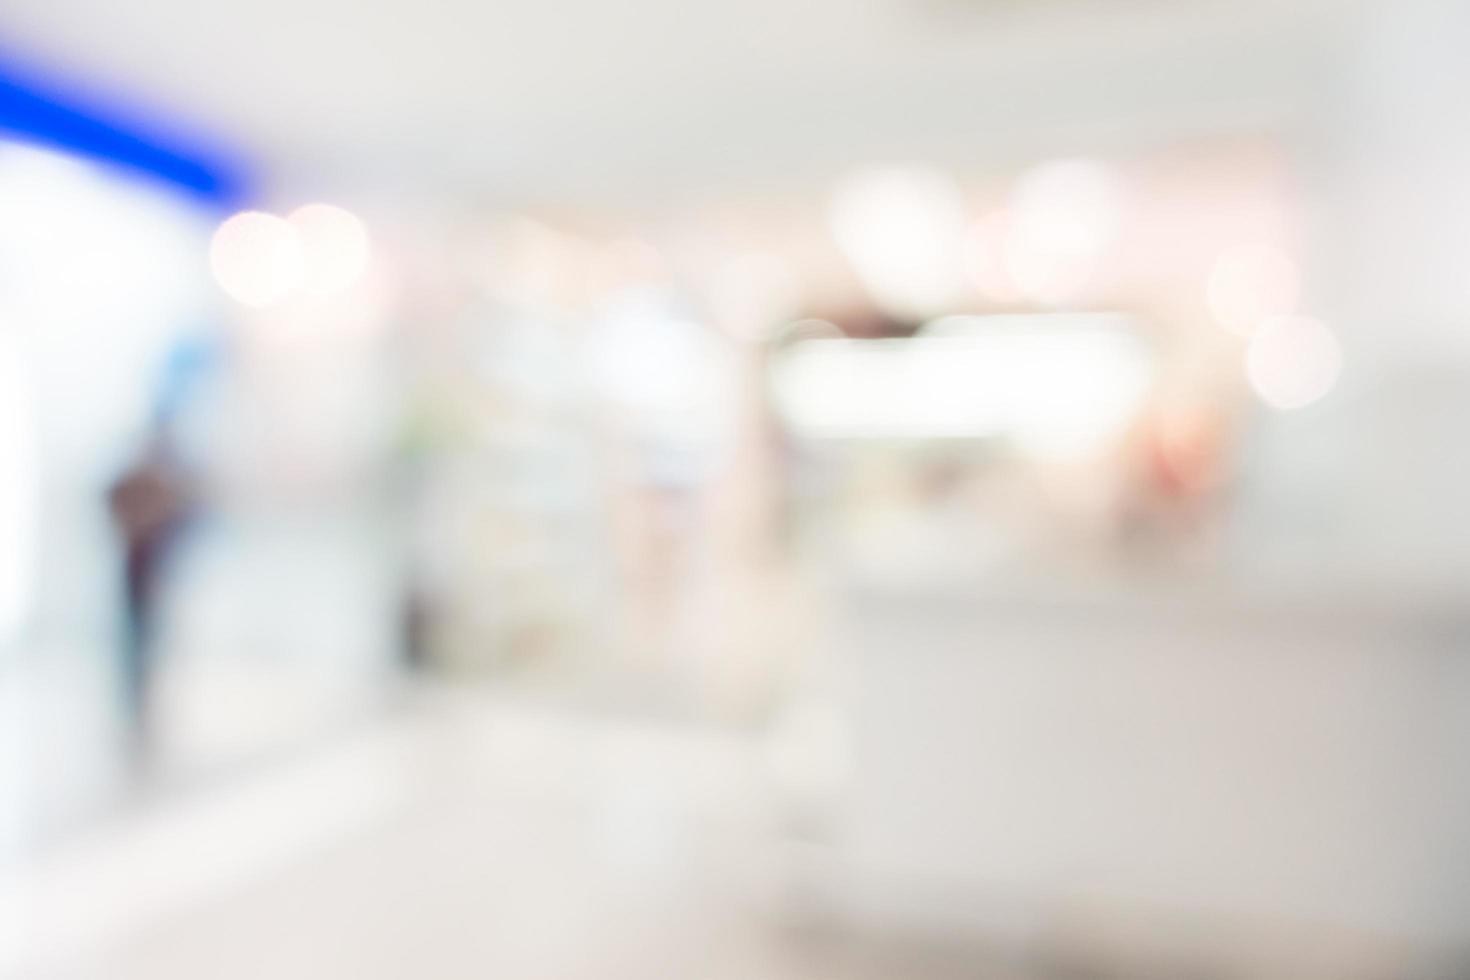 sfocatura astratta sfondo del centro commerciale foto